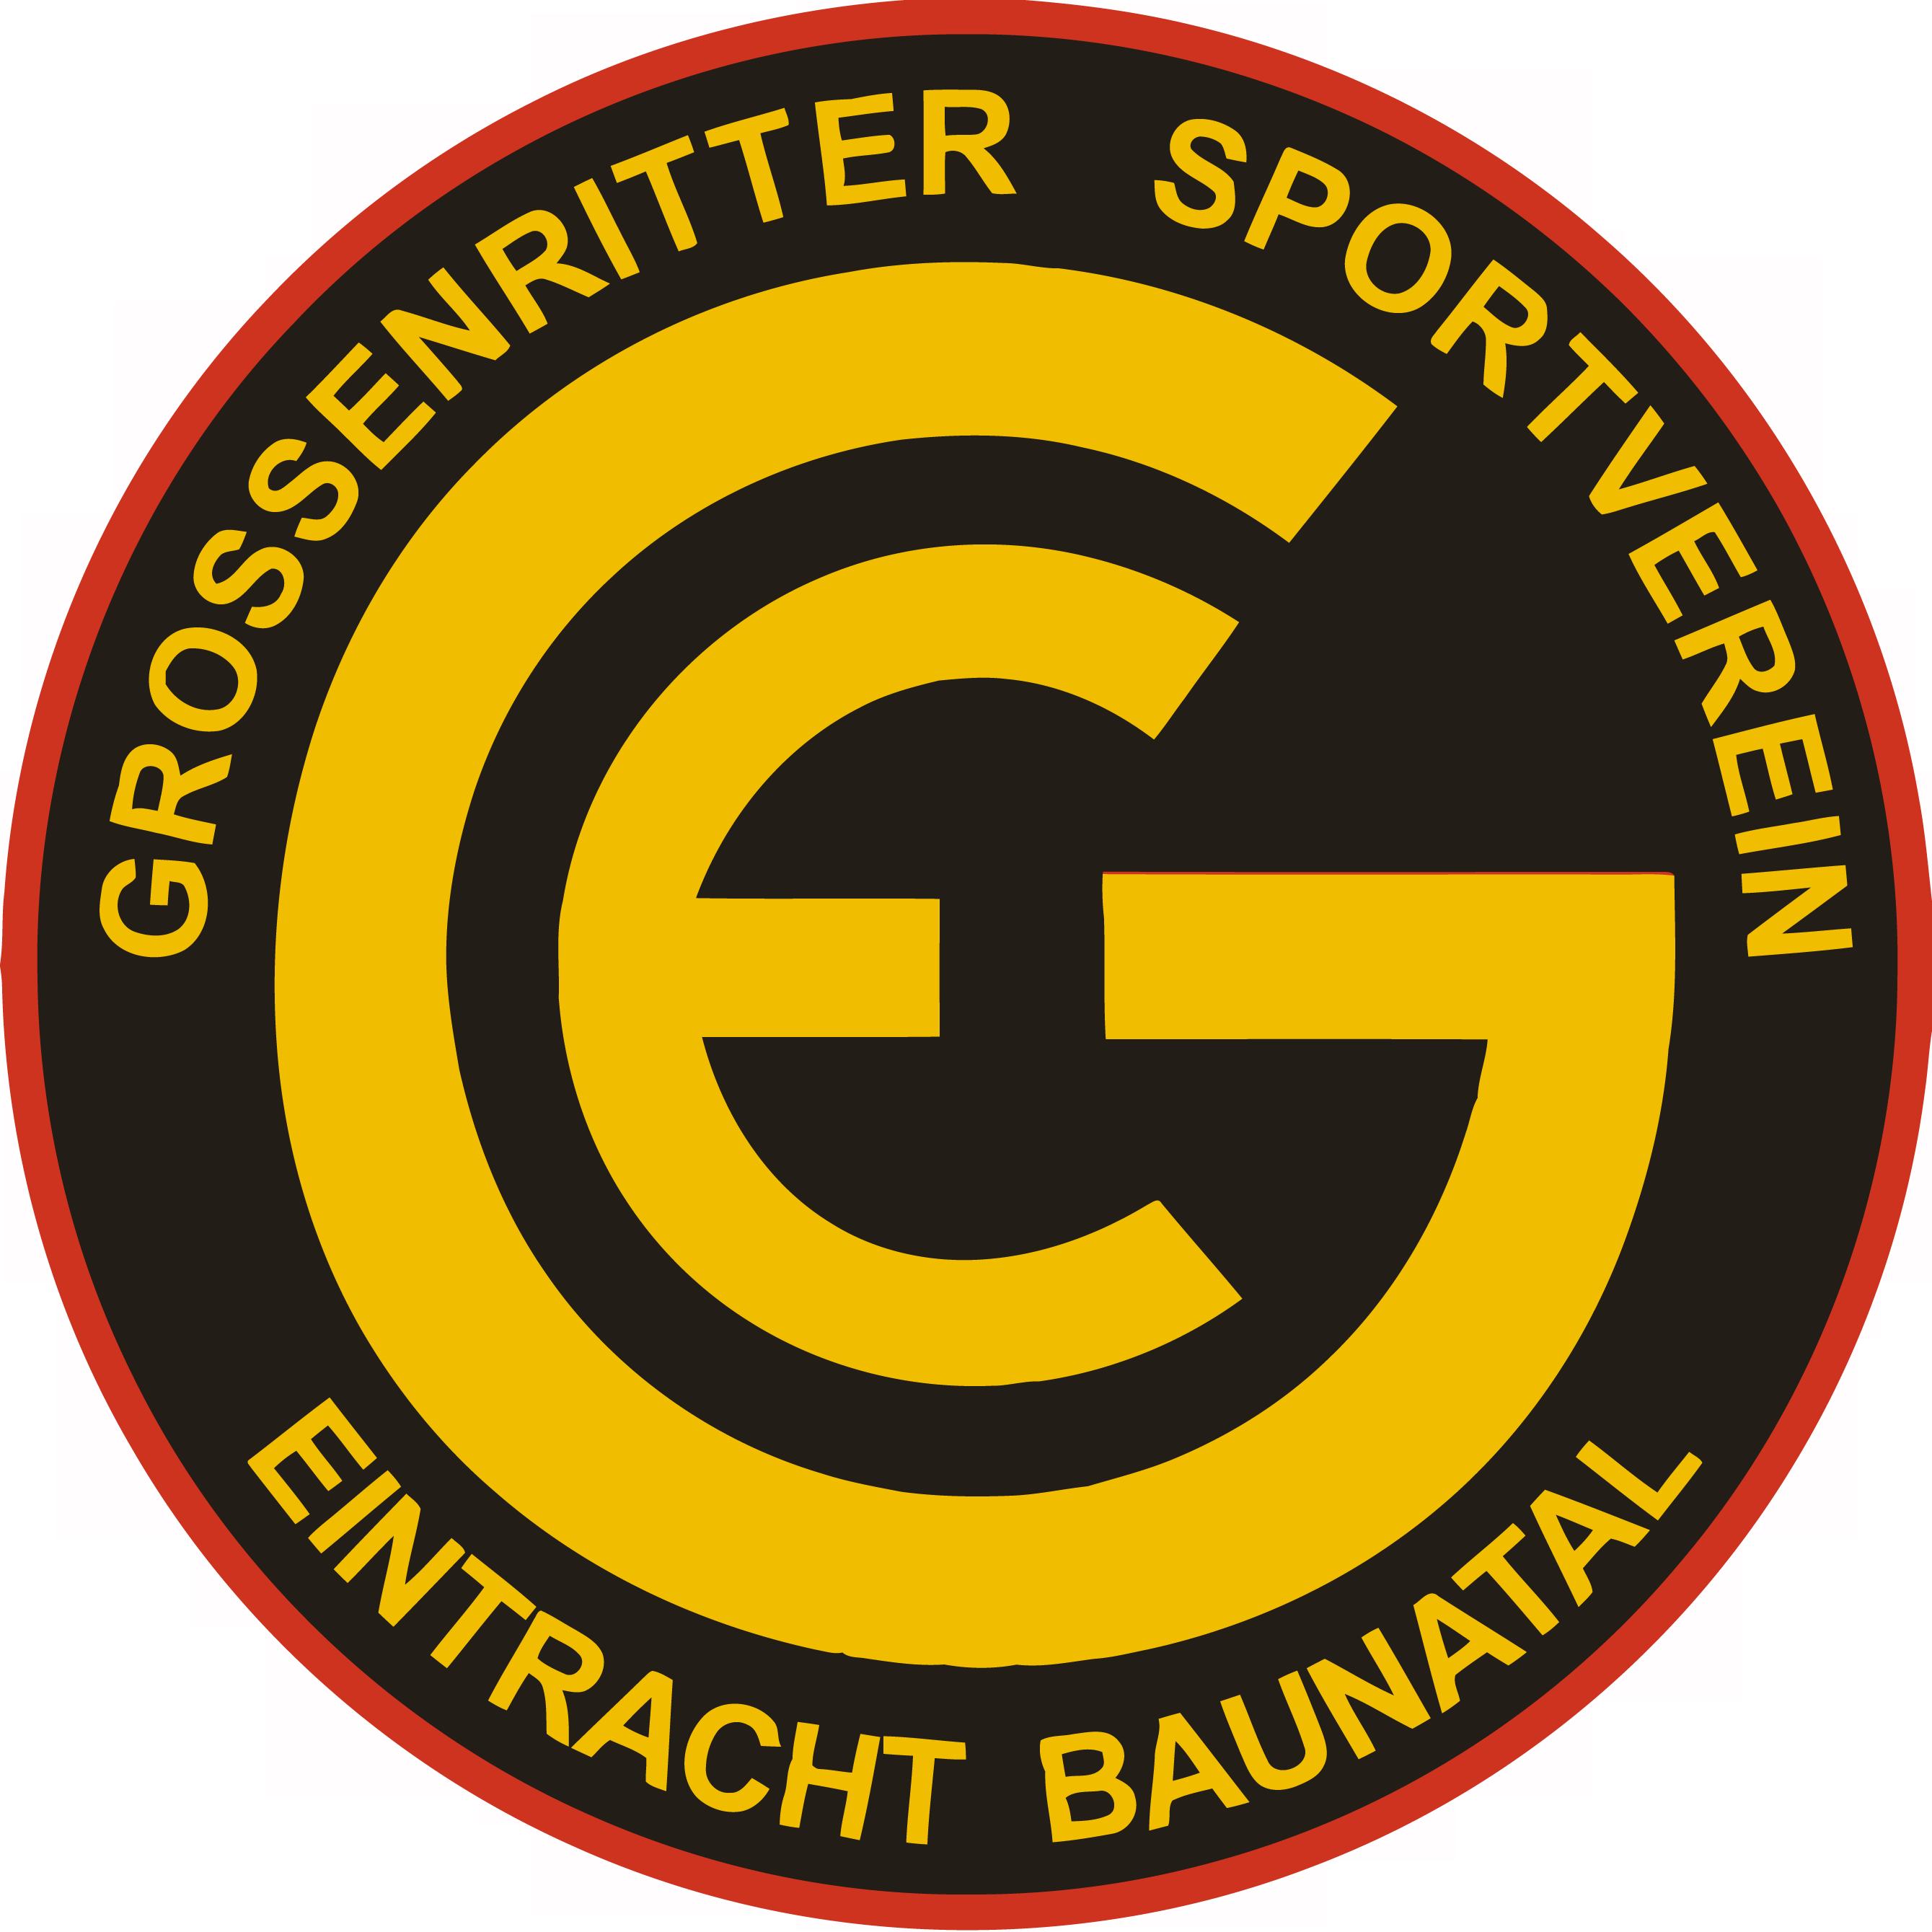 2. SPIELTAG: GSV Eintracht Baunatal – HSC ROTMILANE 29:25 (14:9)